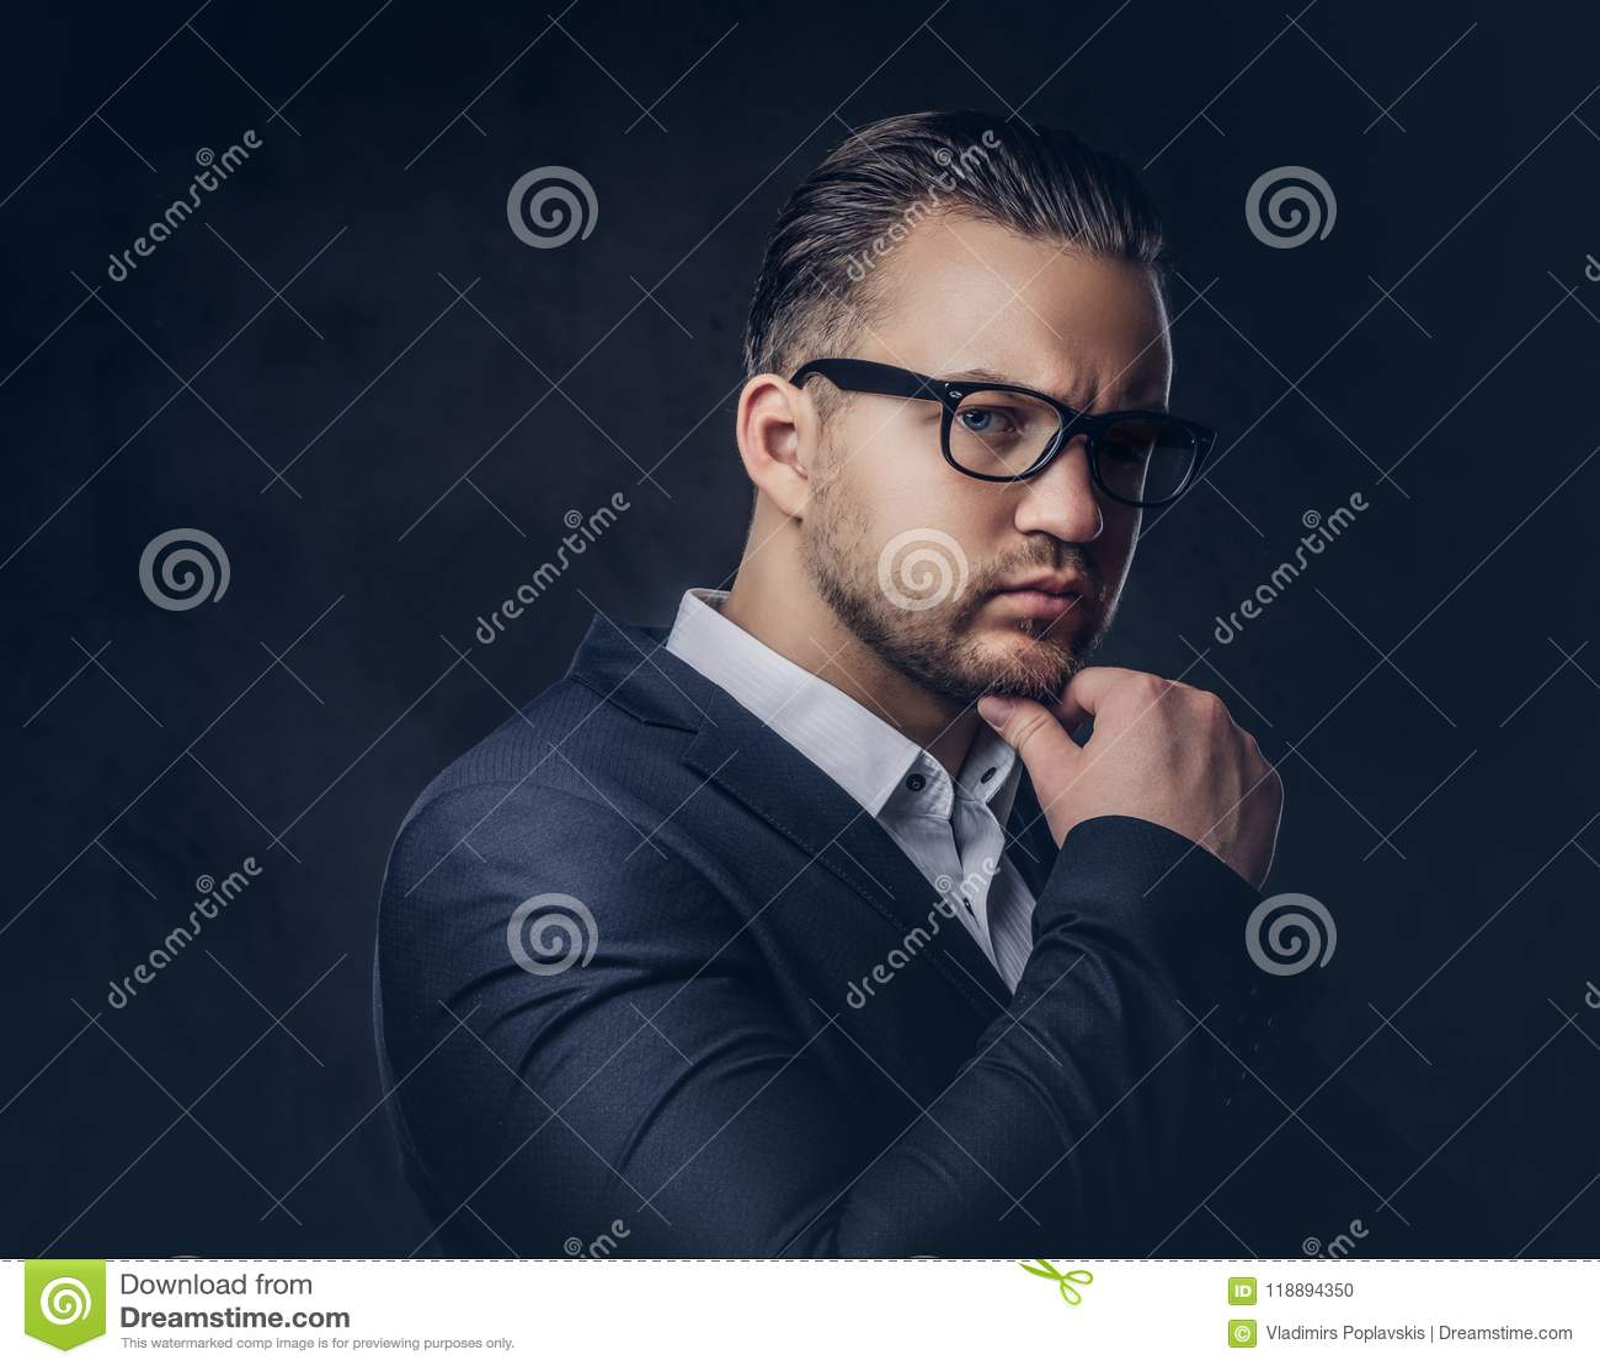 Nahaufnahmeporträt eines durchdachten stilvollen Geschäftsmannes mit ernstem Gesicht in einem eleganten Gesellschaftsanzug und in